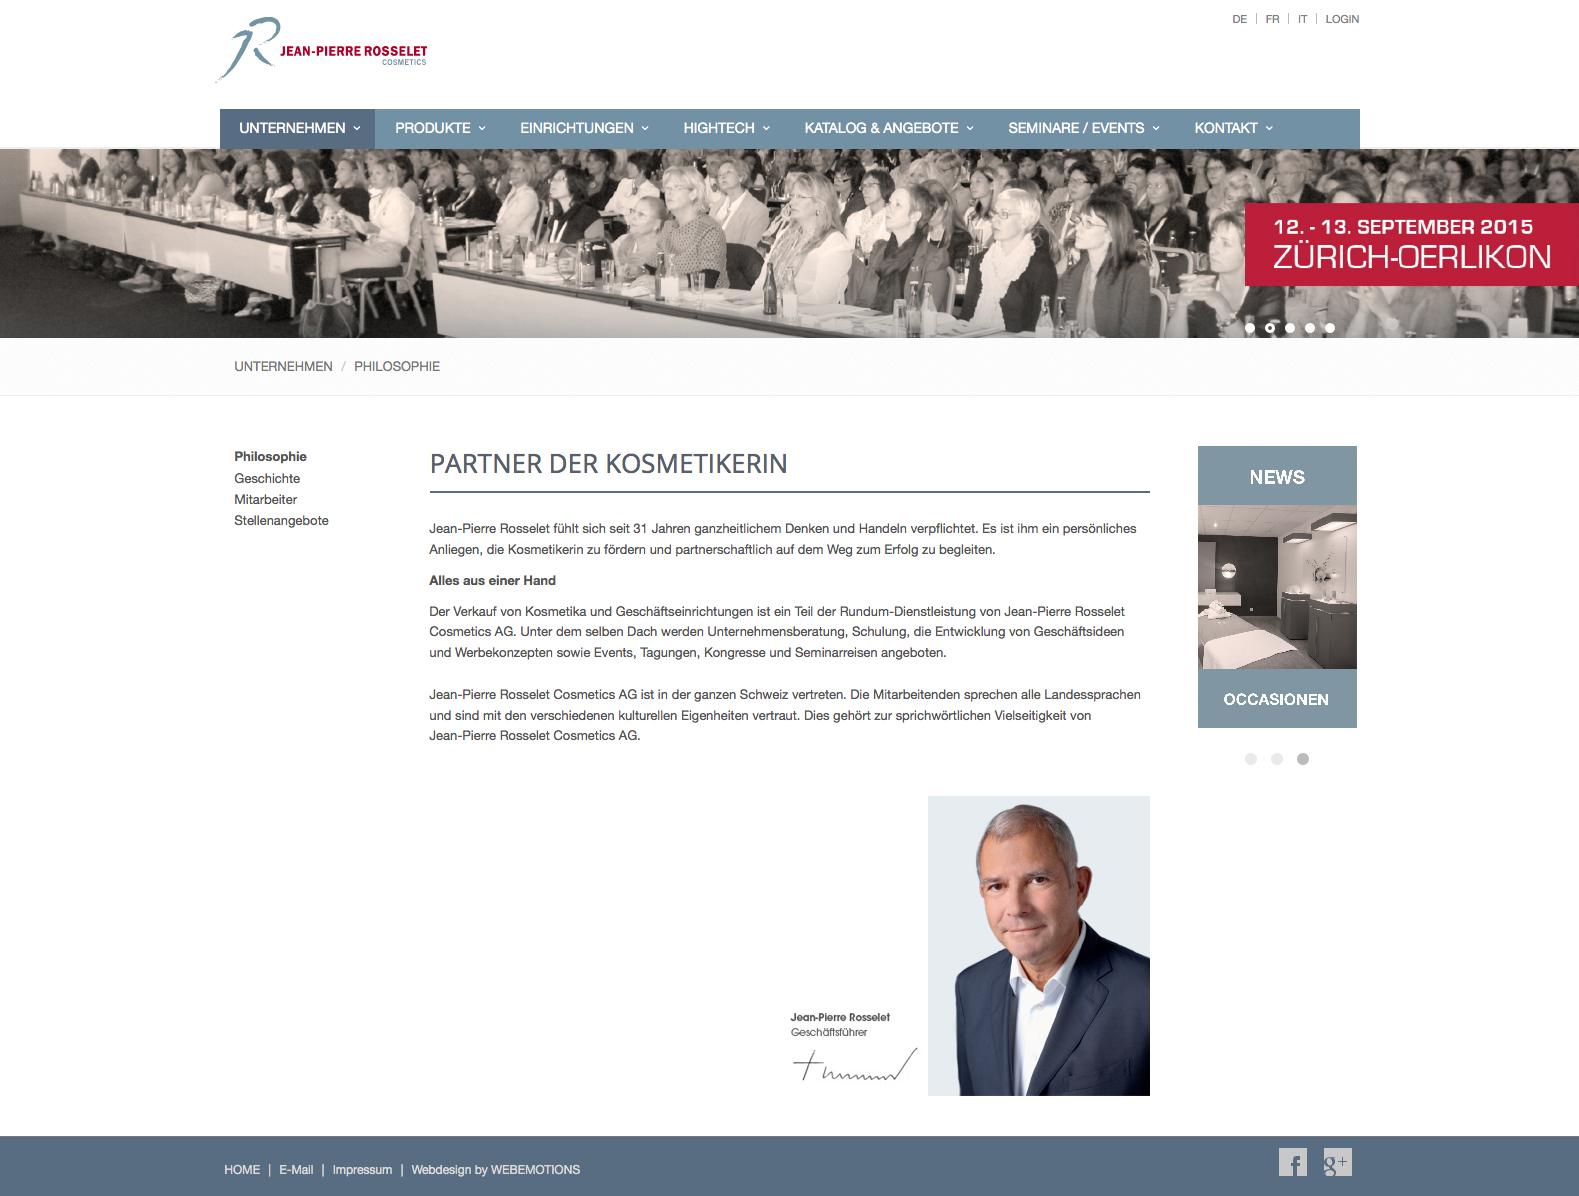 Rundum-Dienstleistung_im_Kosmetik_Fachhandel.